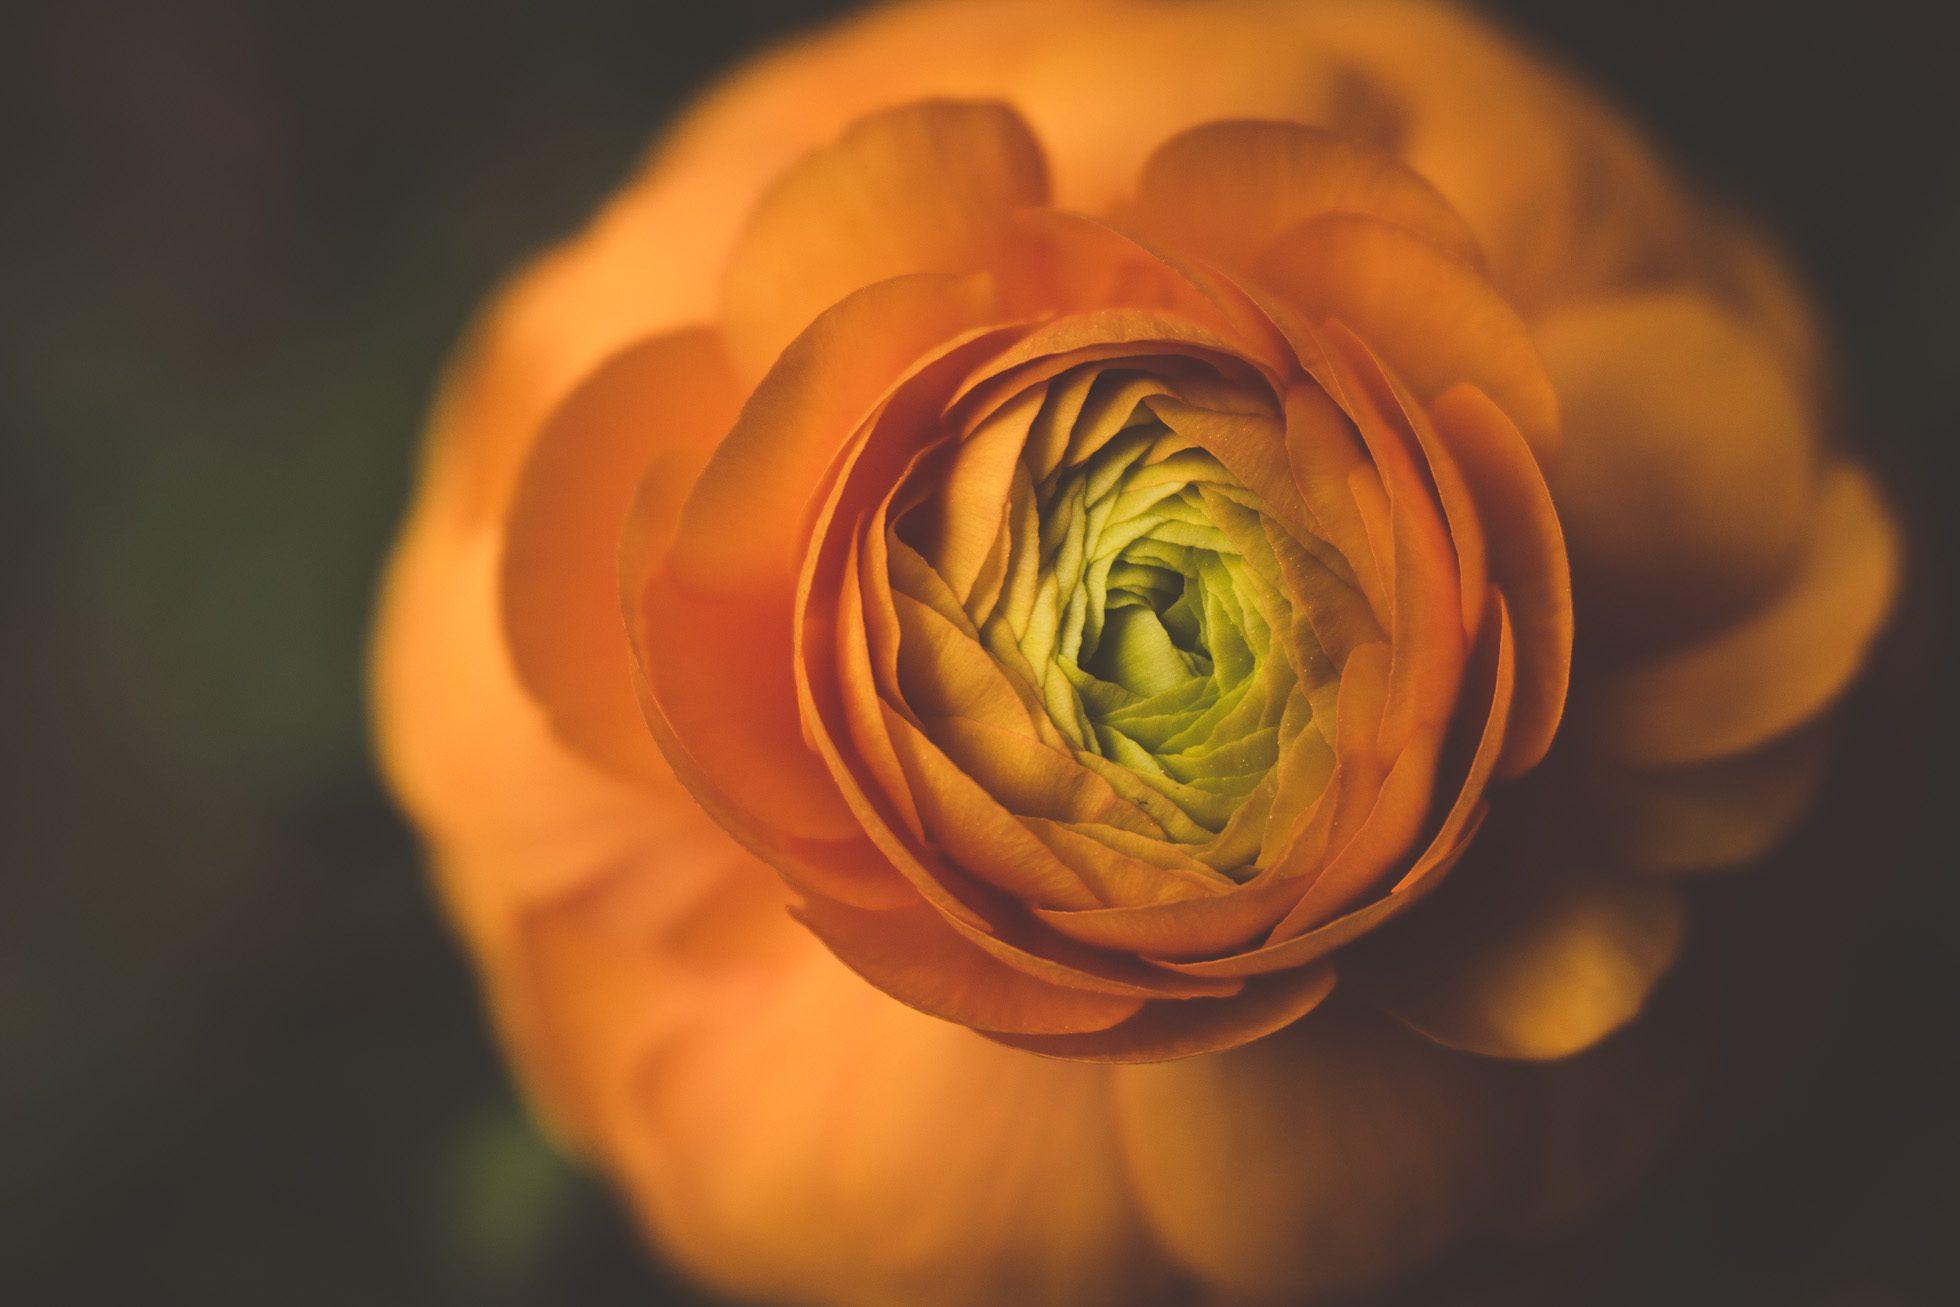 ranunculus orange flower opening macro by tiffany kelly